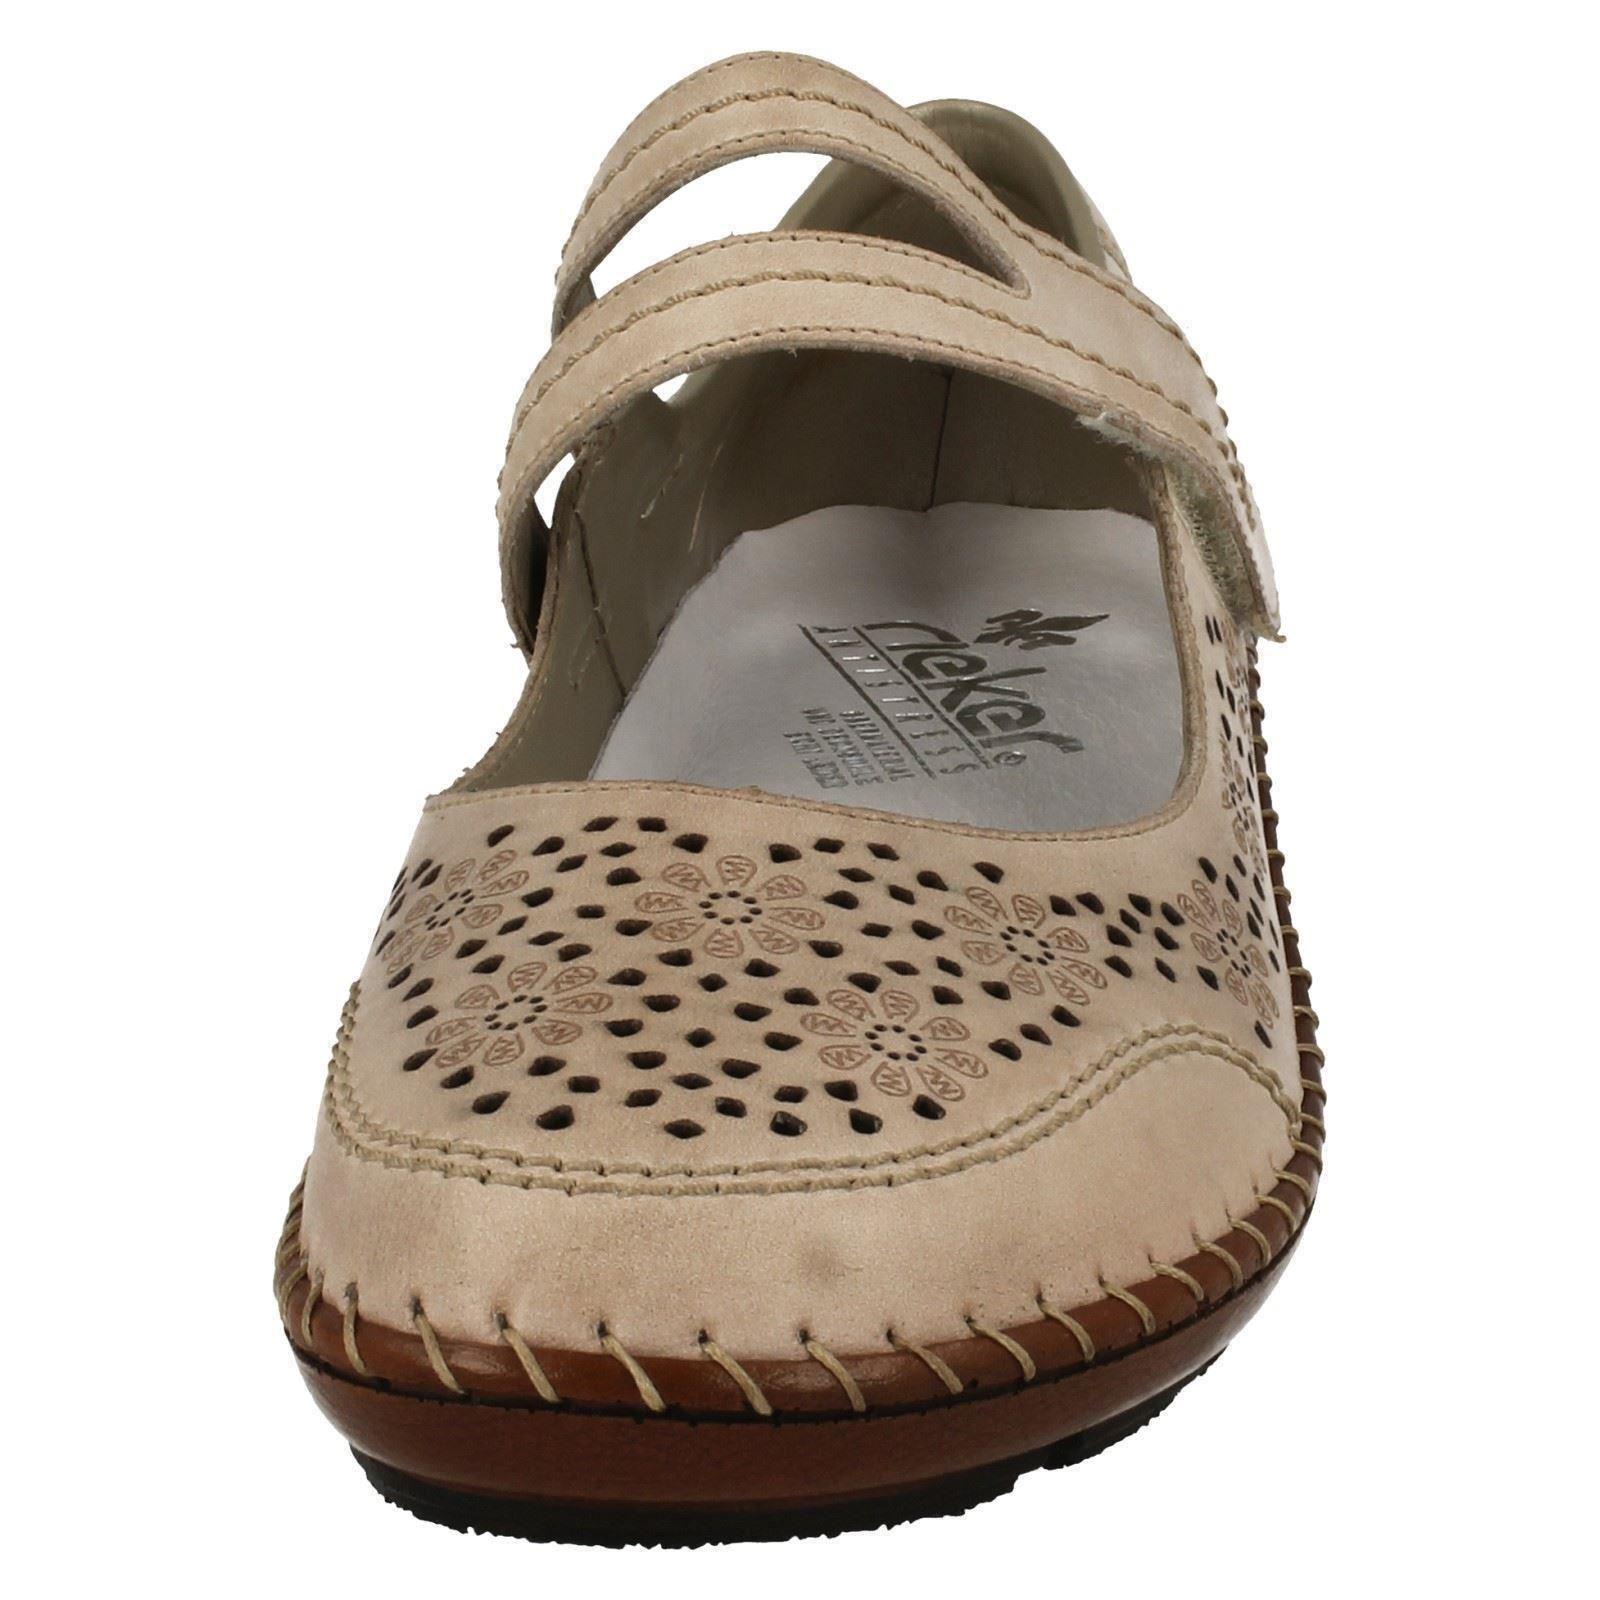 Ladies Rieker Antistress Antistress Antistress shoes 44875 66a8b8